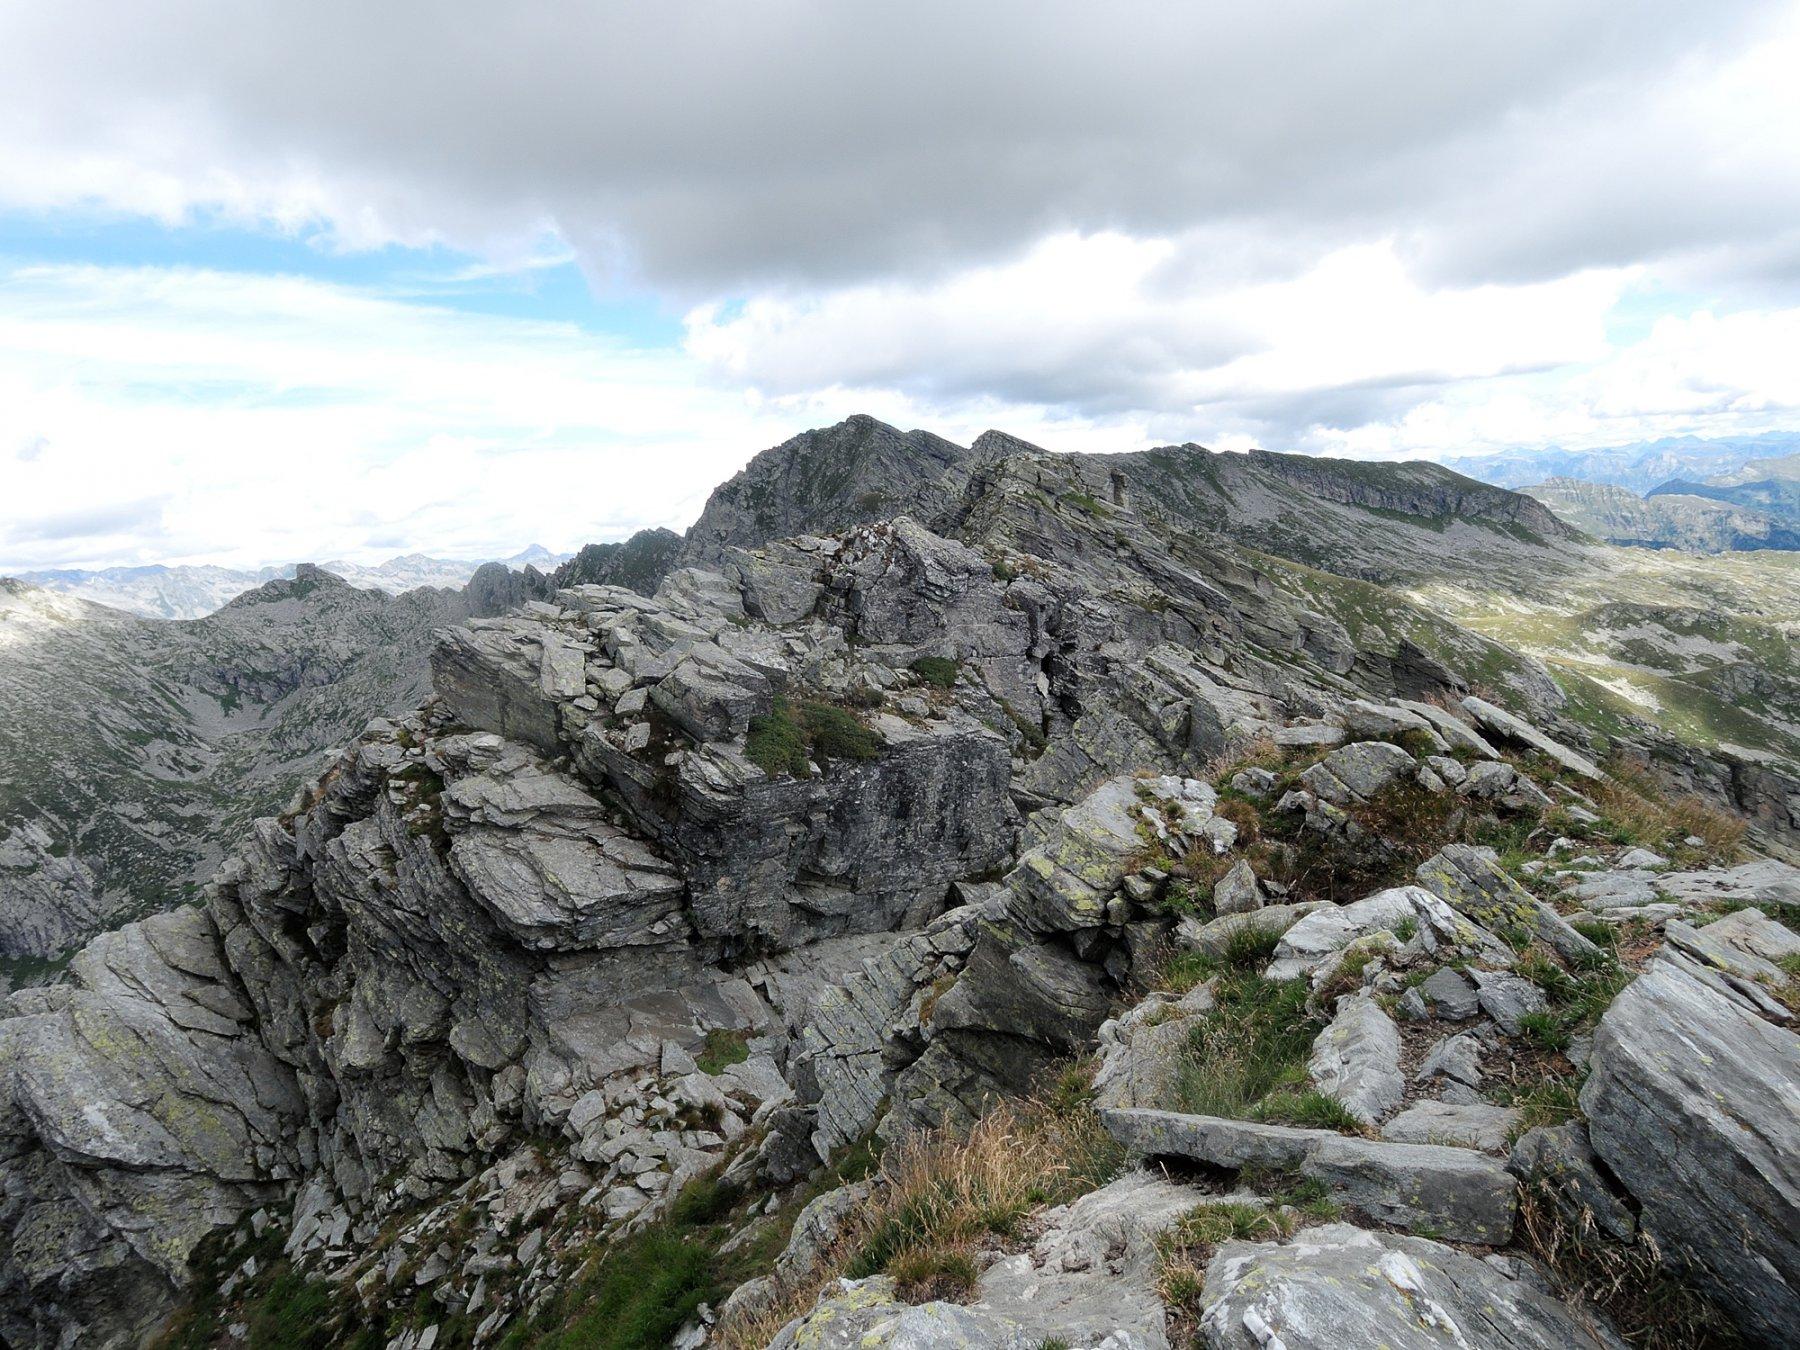 Cima centrale e cima Nord-Est viste dalla cima Sud-Ovest della Pezza Comune